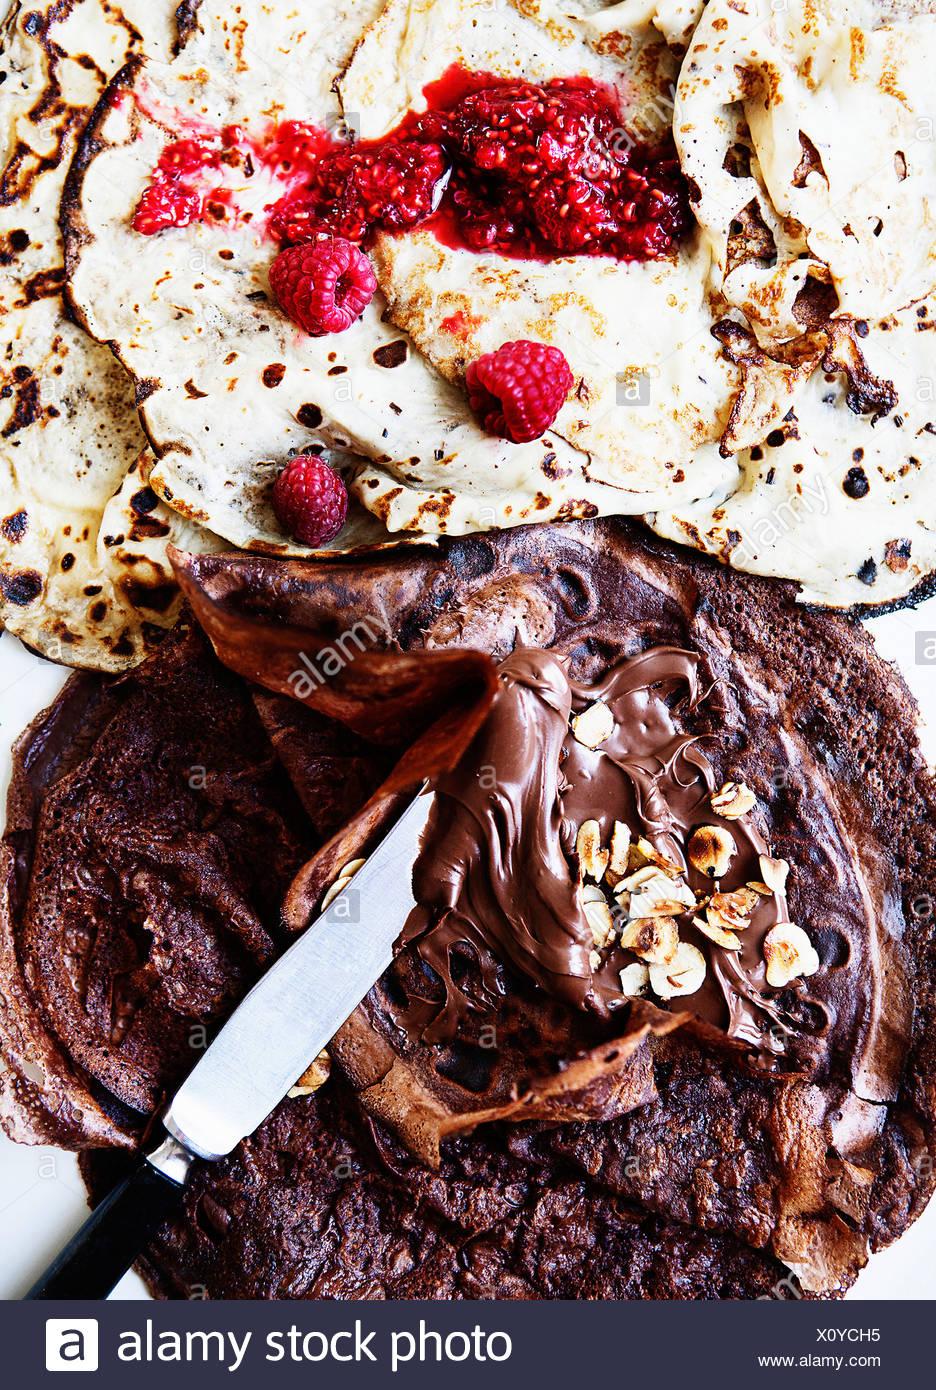 Fruits et chocolat à tartiner sur des crêpes Photo Stock